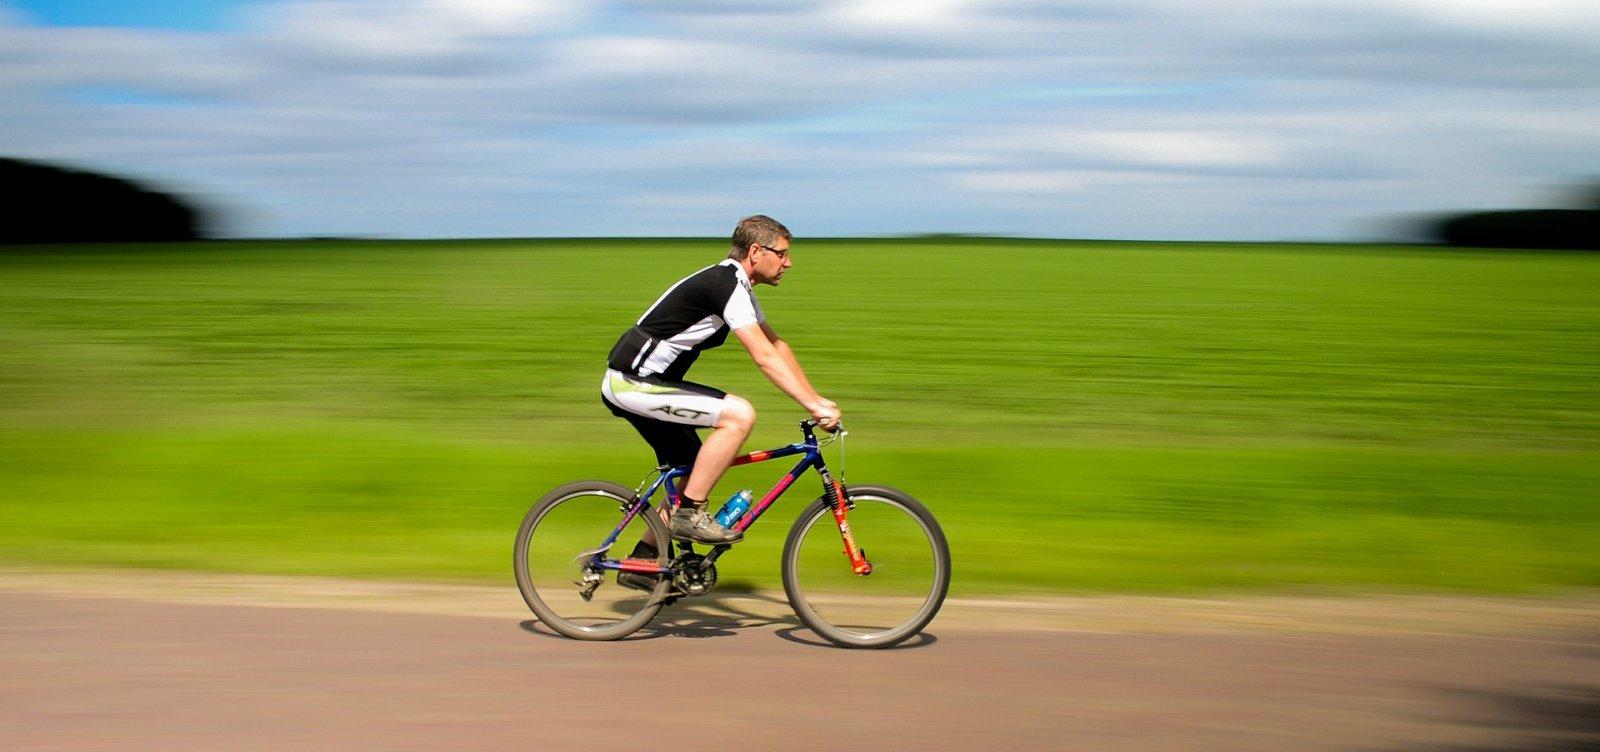 [Ciclismo limita nível de testosterona em atletas transgêneros]